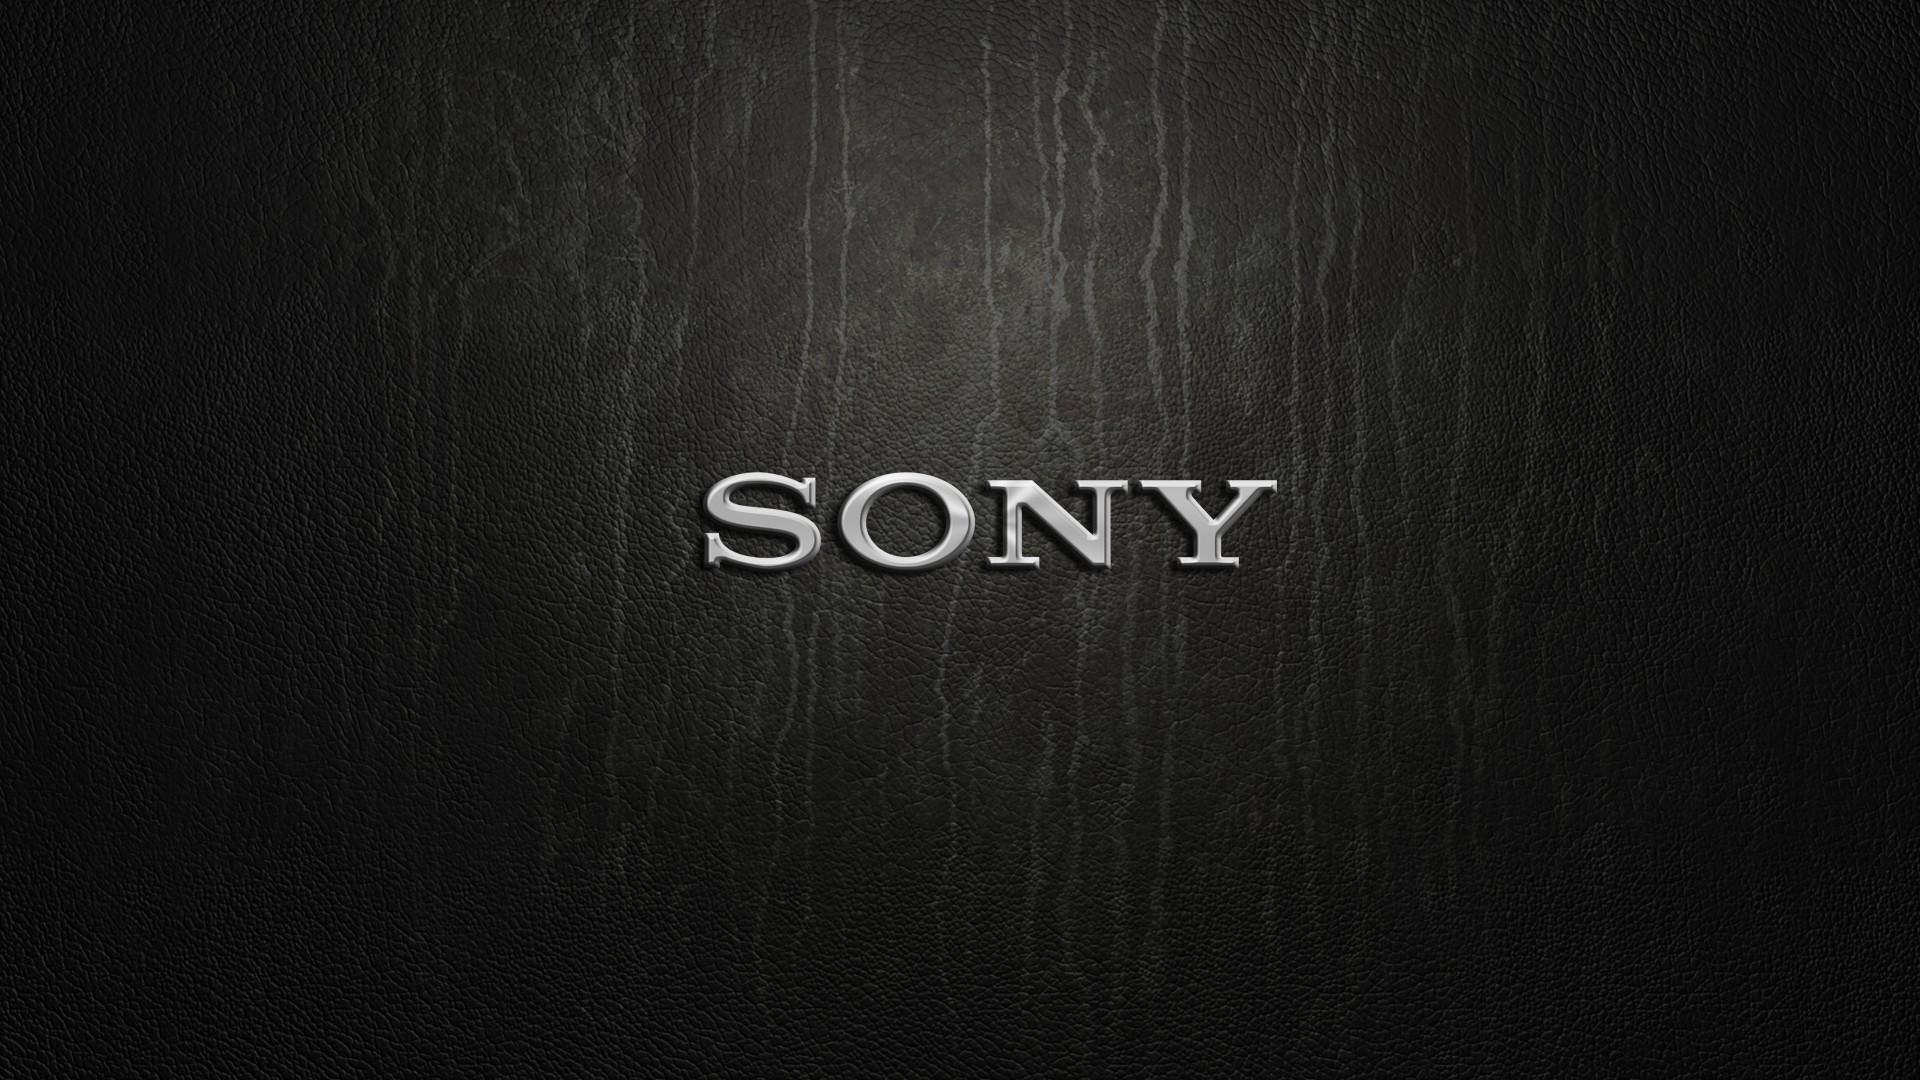 Sony Wallpaper